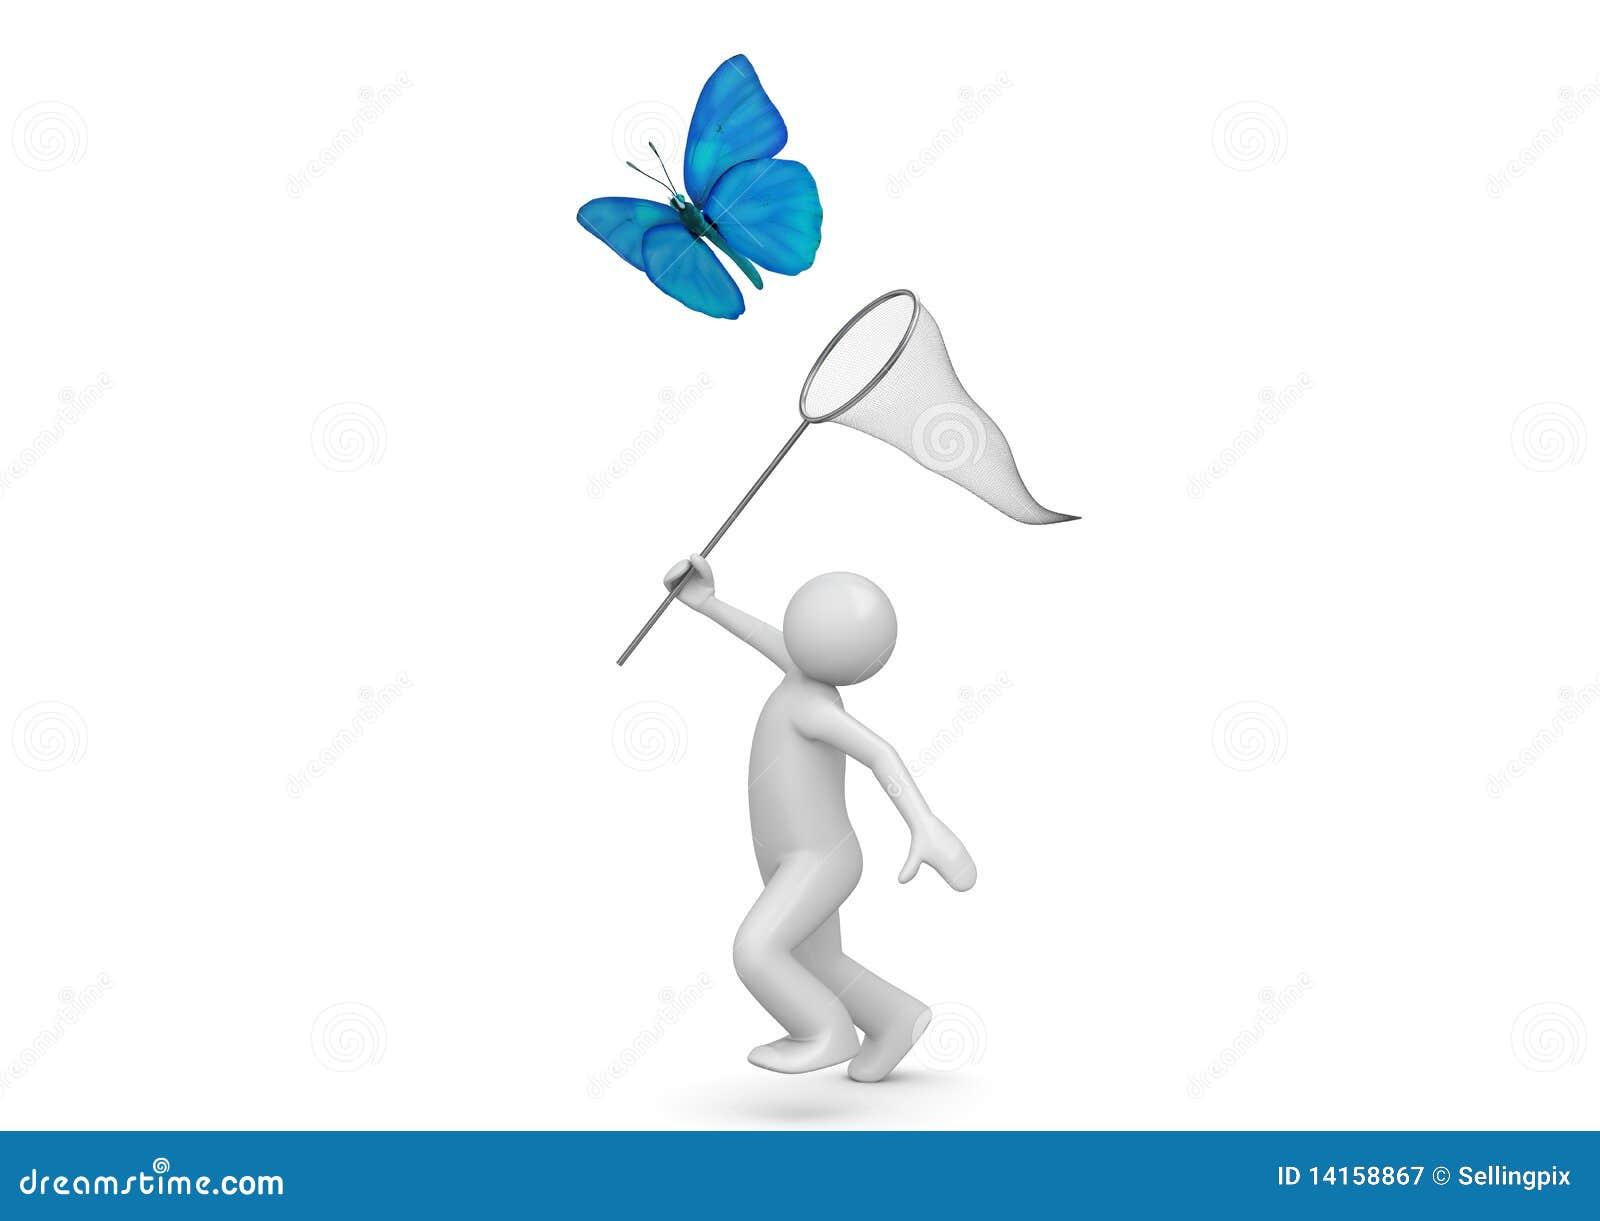 Butterfly Net Stock Illustrations – 660 Butterfly Net Stock ...